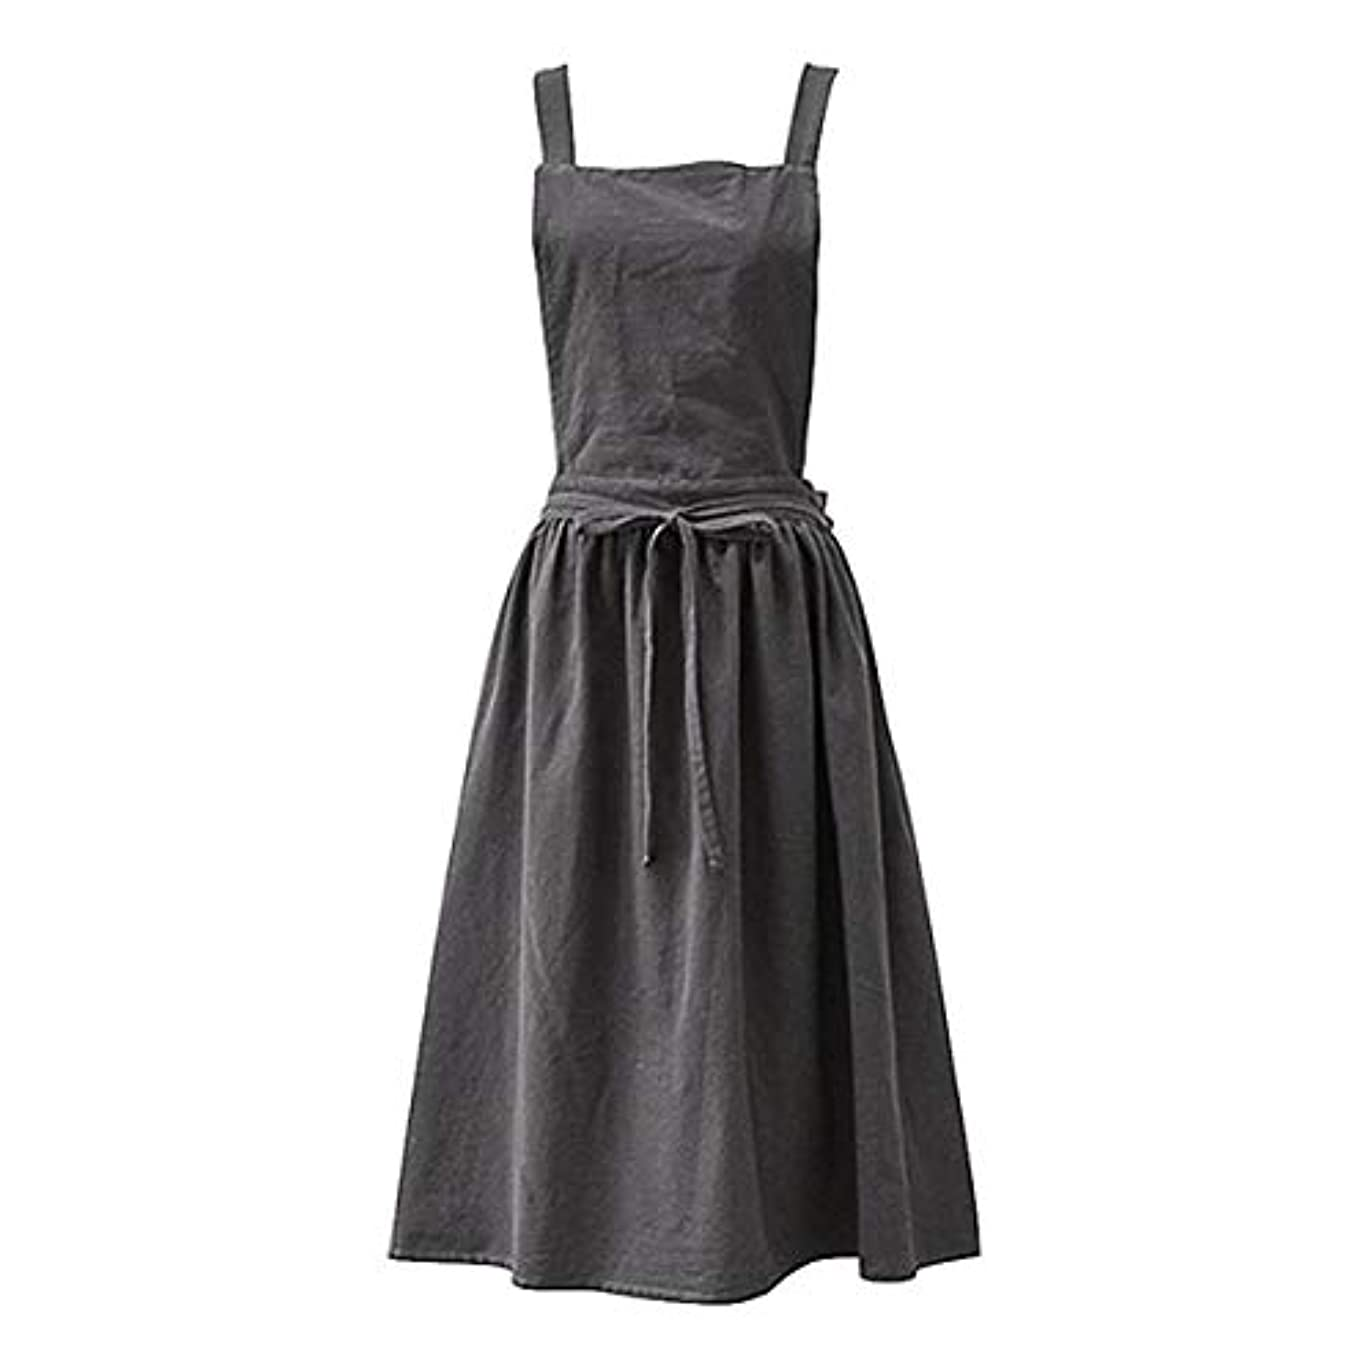 証言アクティブ純度Aprons for the Kitchen Simple Washed Cotton Uniform Aprons for Woman Kitchen apron Cooking Coffee Shop apron for...